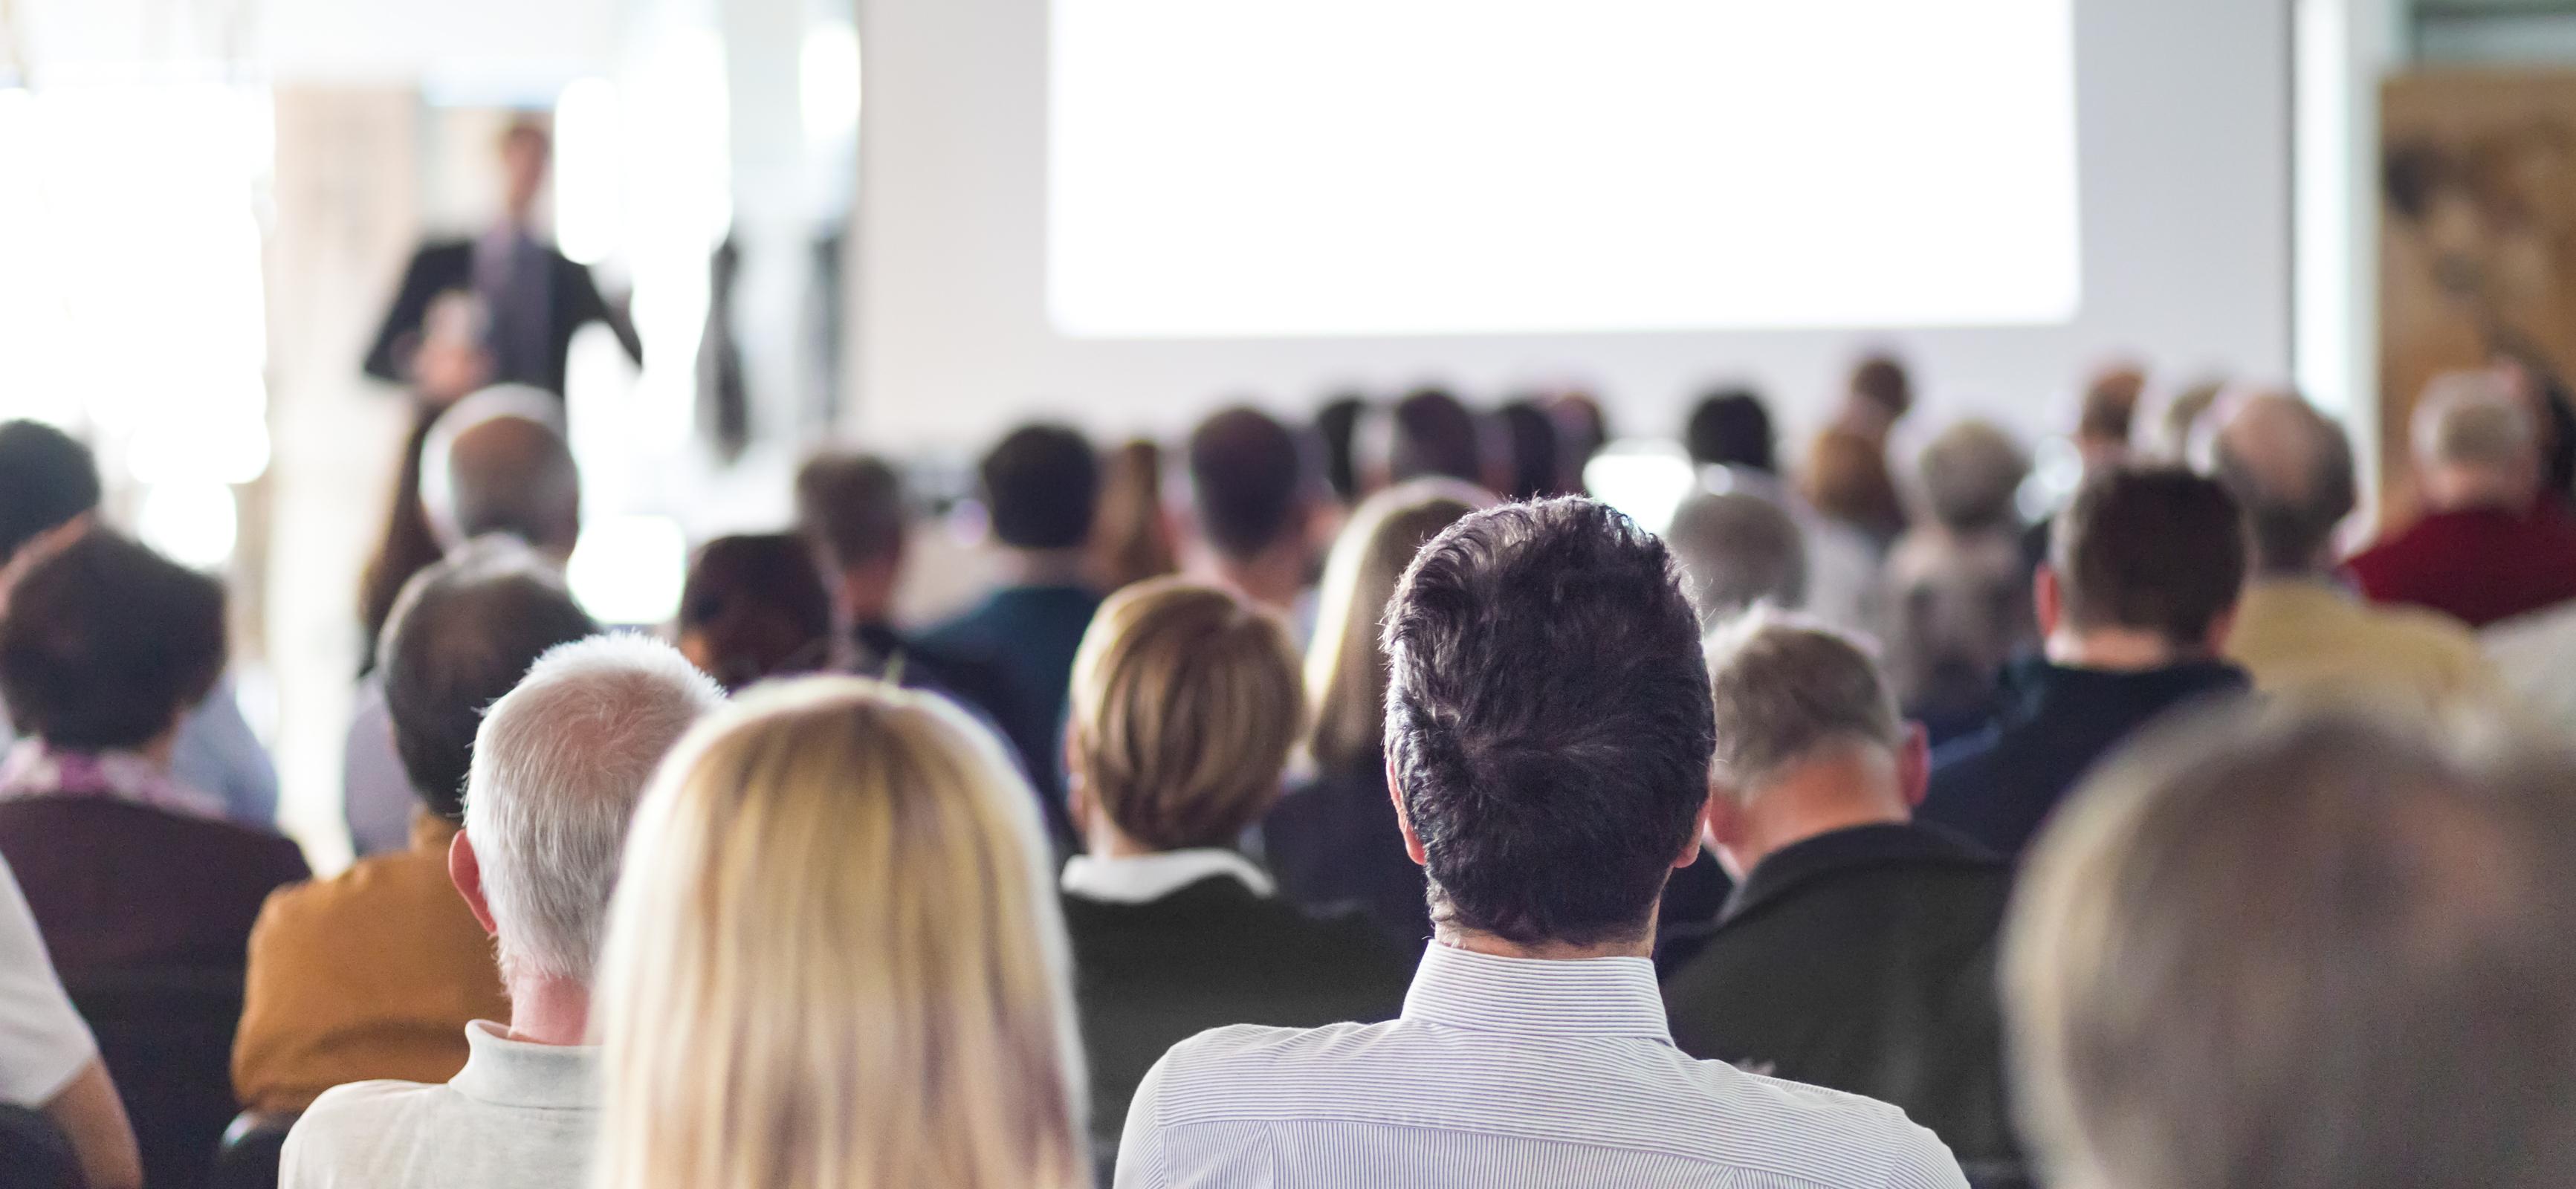 Bild på en föreläsning med flertalet människor i publiken